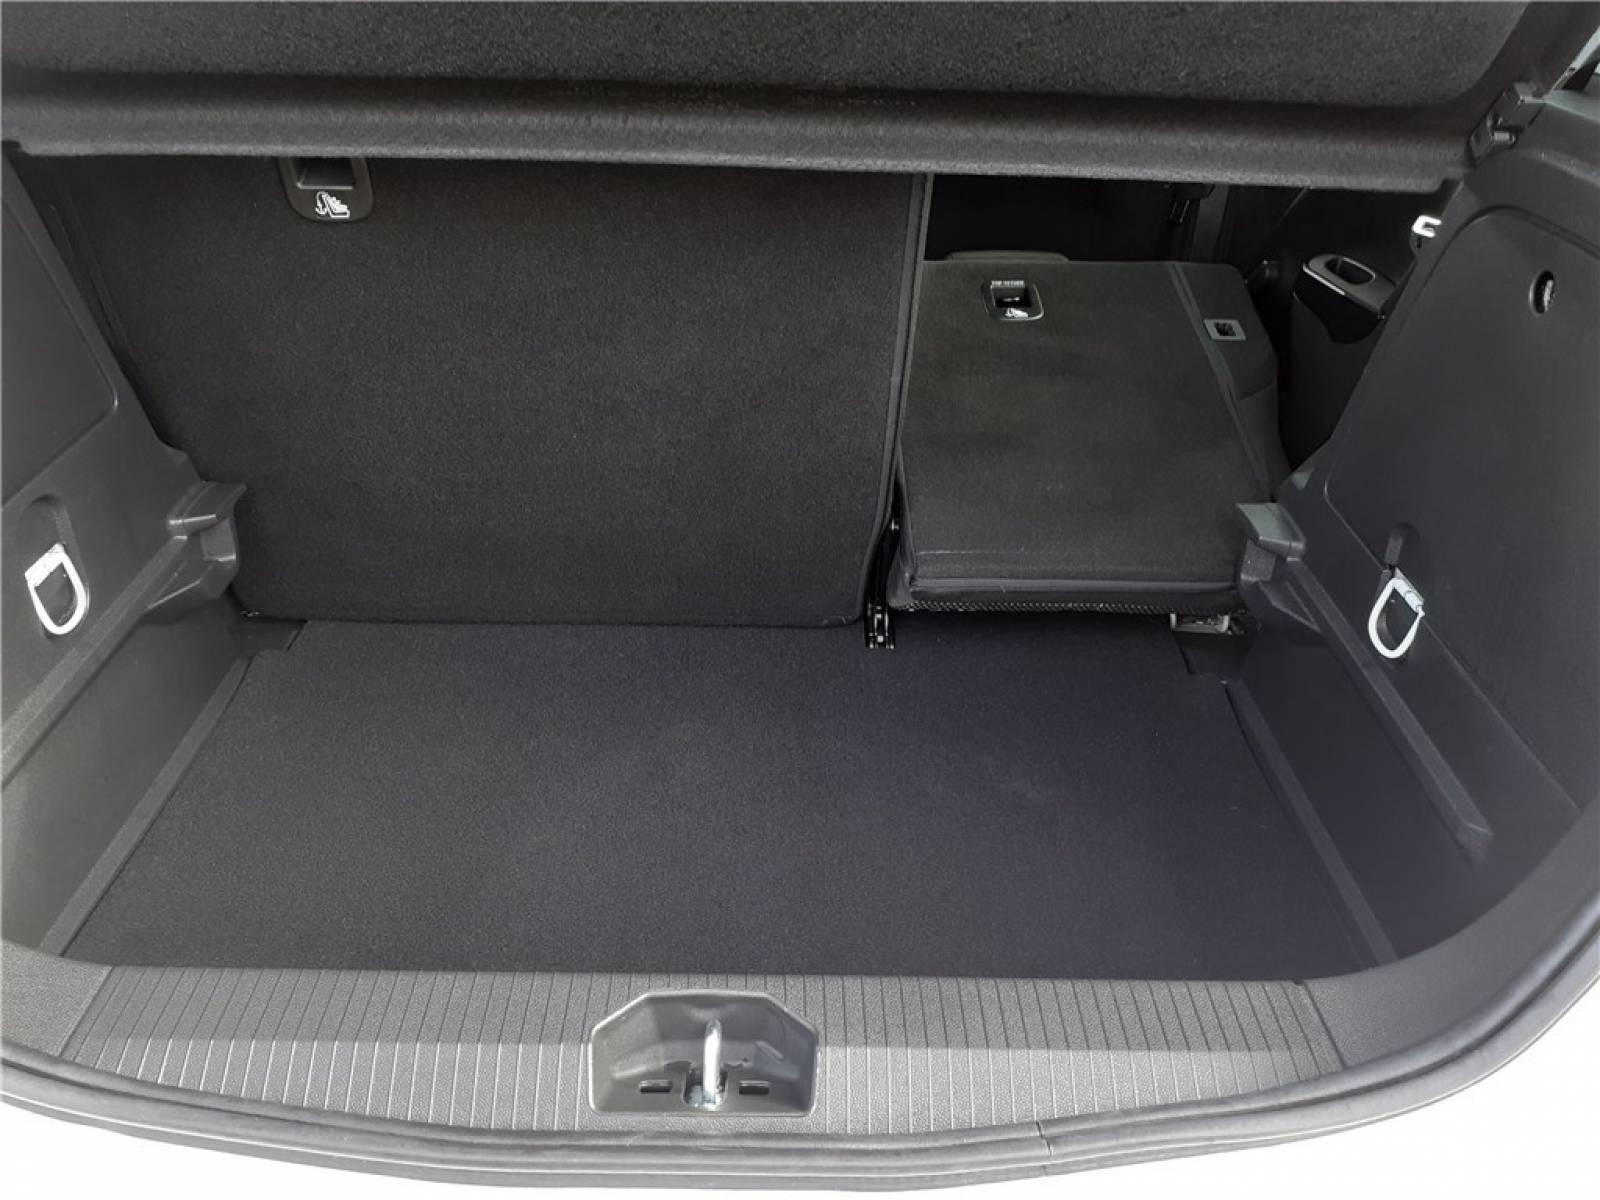 OPEL Corsa 1.4 90 ch - véhicule d'occasion - Groupe Guillet - Opel Magicauto - Chalon-sur-Saône - 71380 - Saint-Marcel - 17